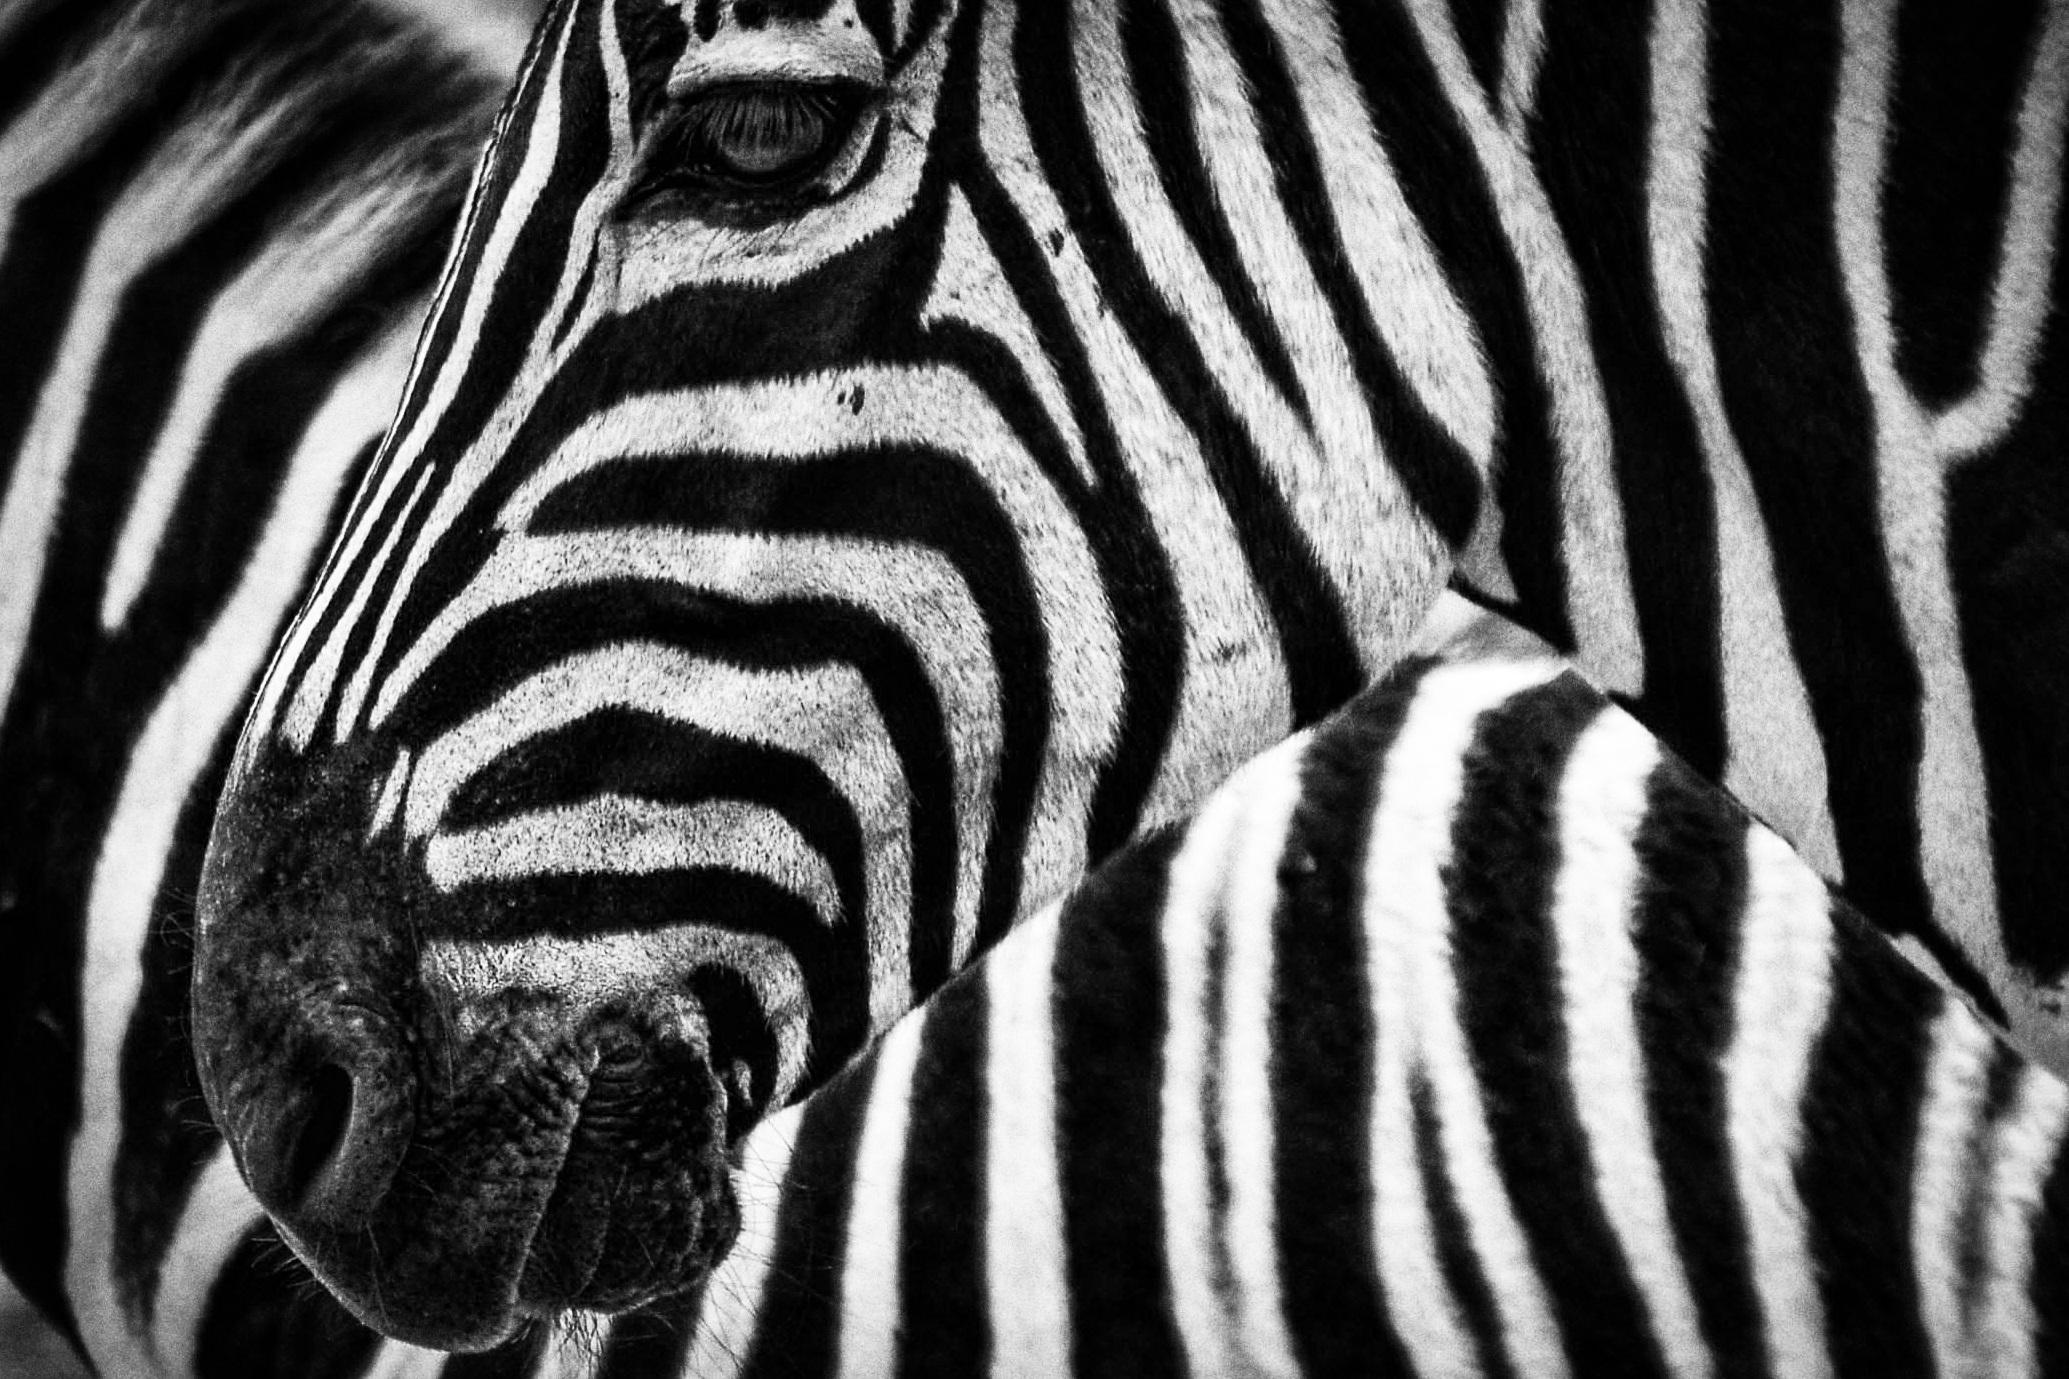 texture-zebra-stripes-47349.jpeg